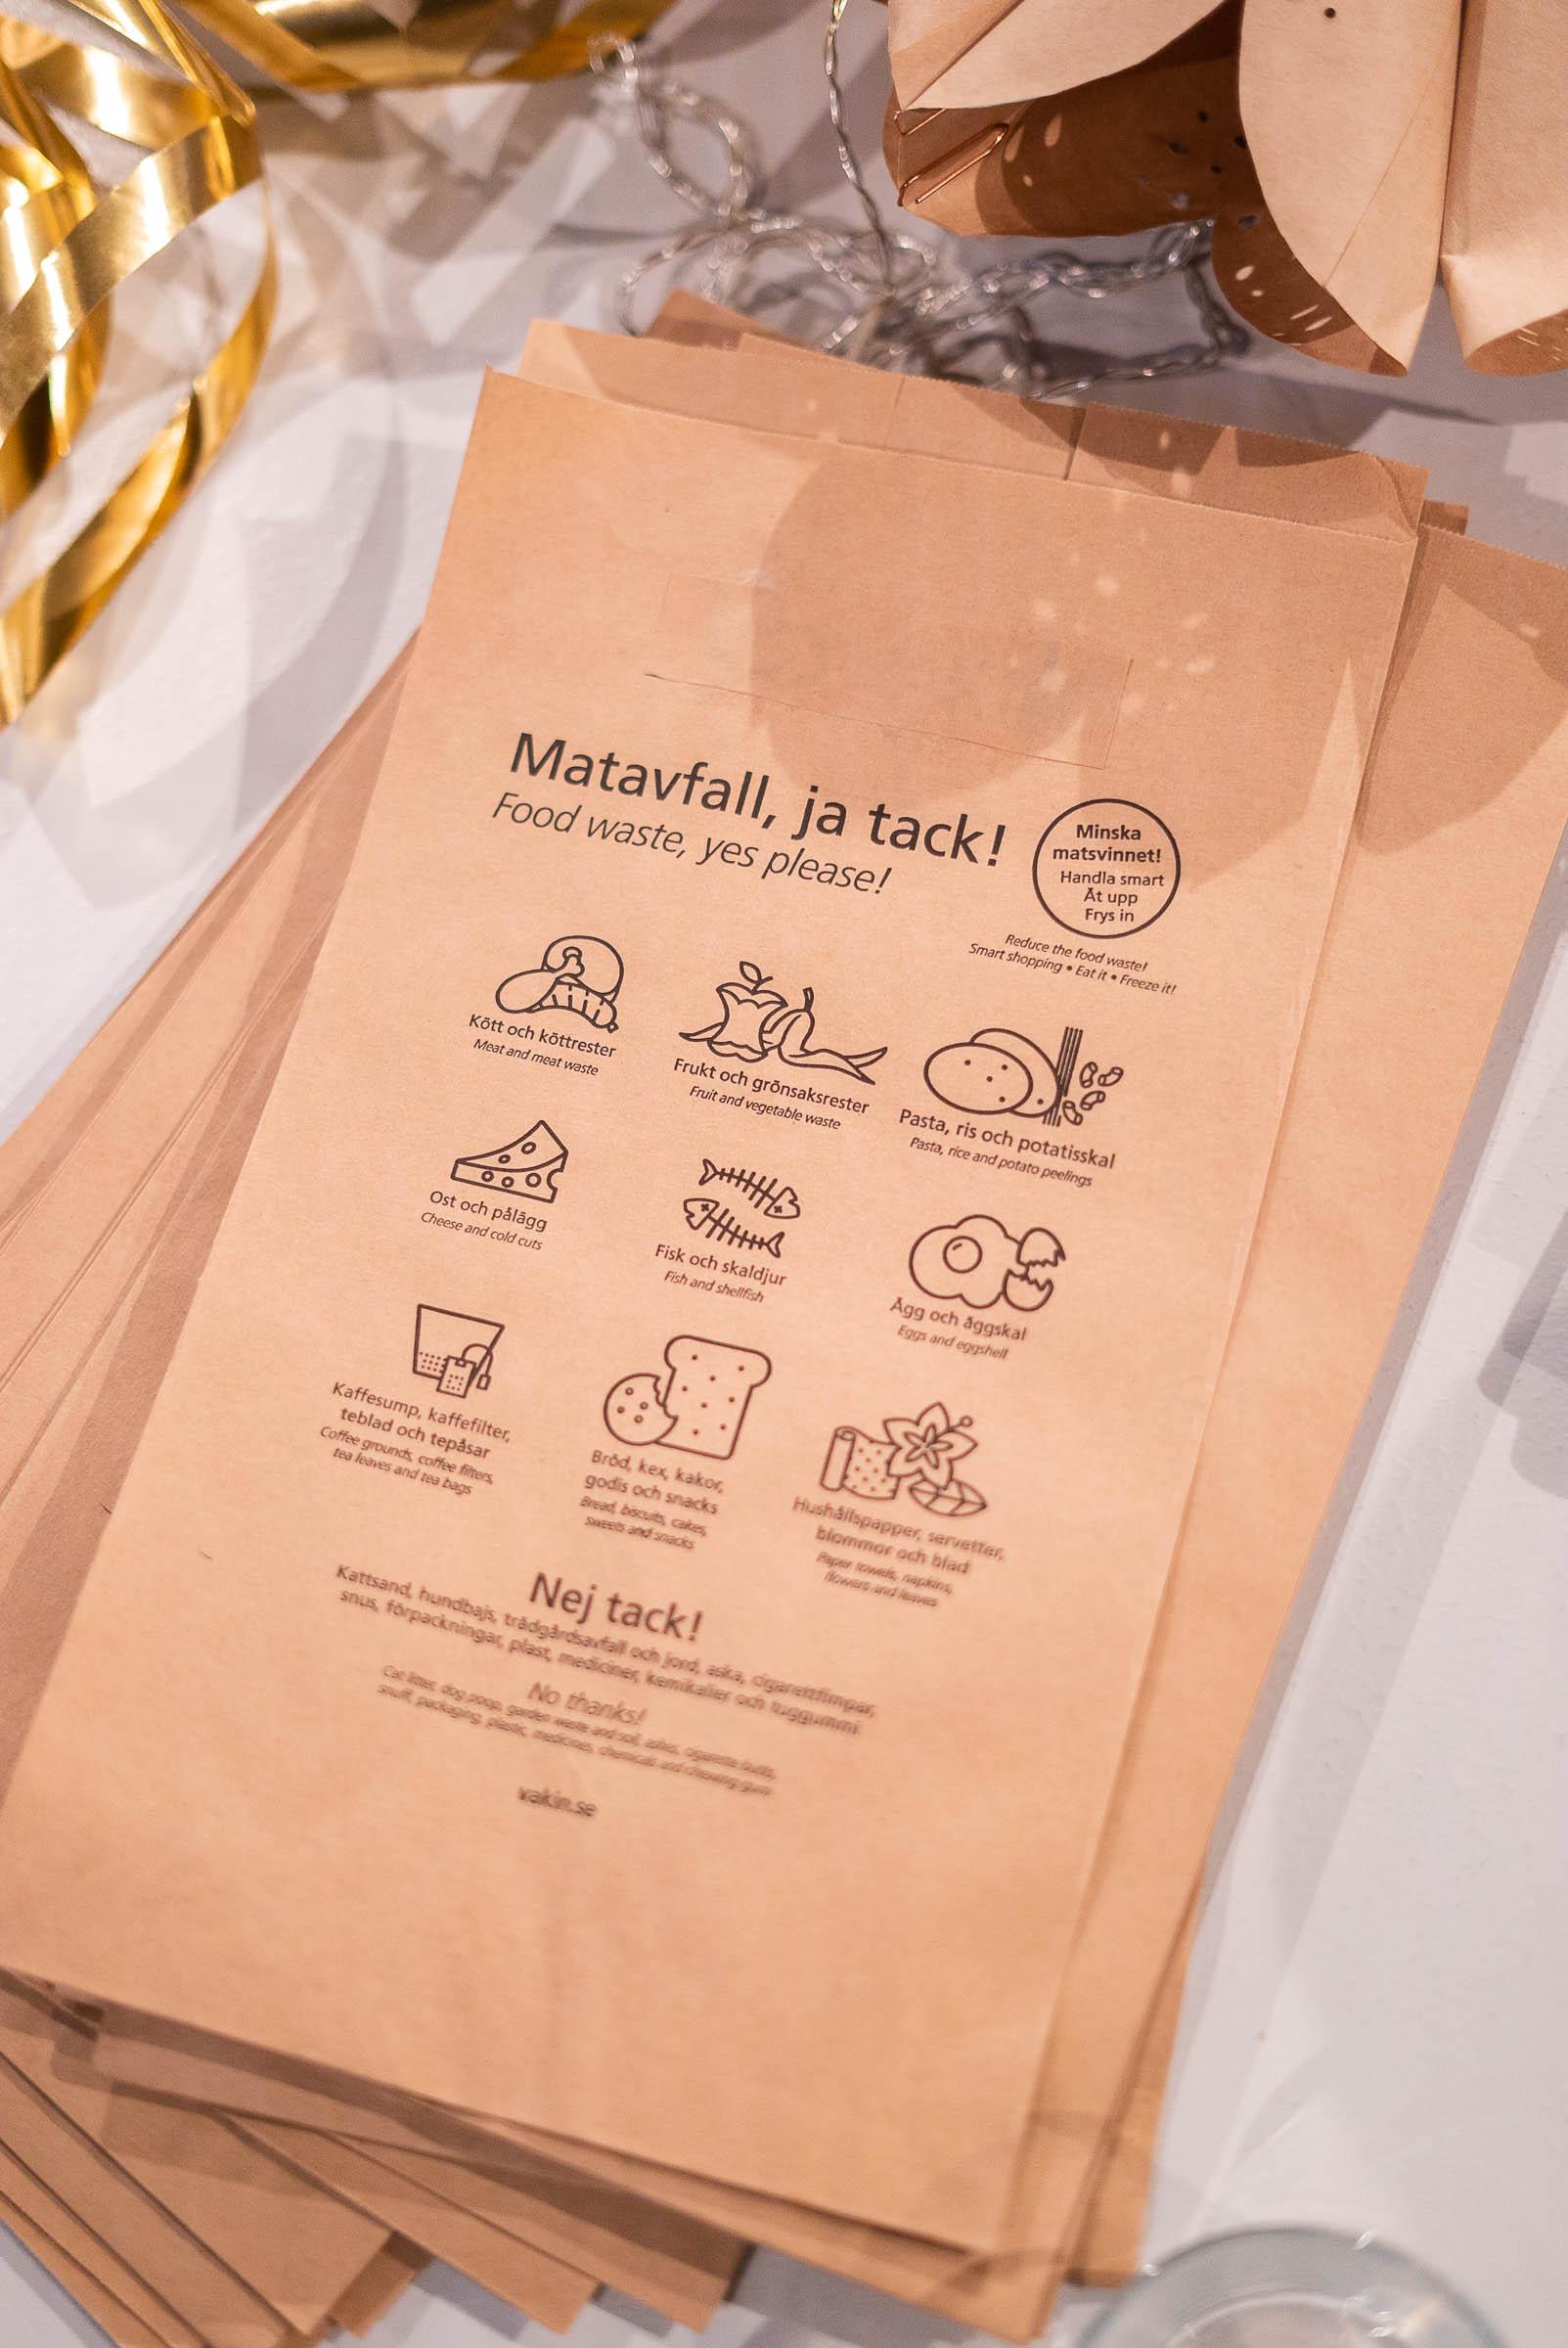 Adventsstjarna av avfallspåse Go'kväll - Anna Maria Larsson